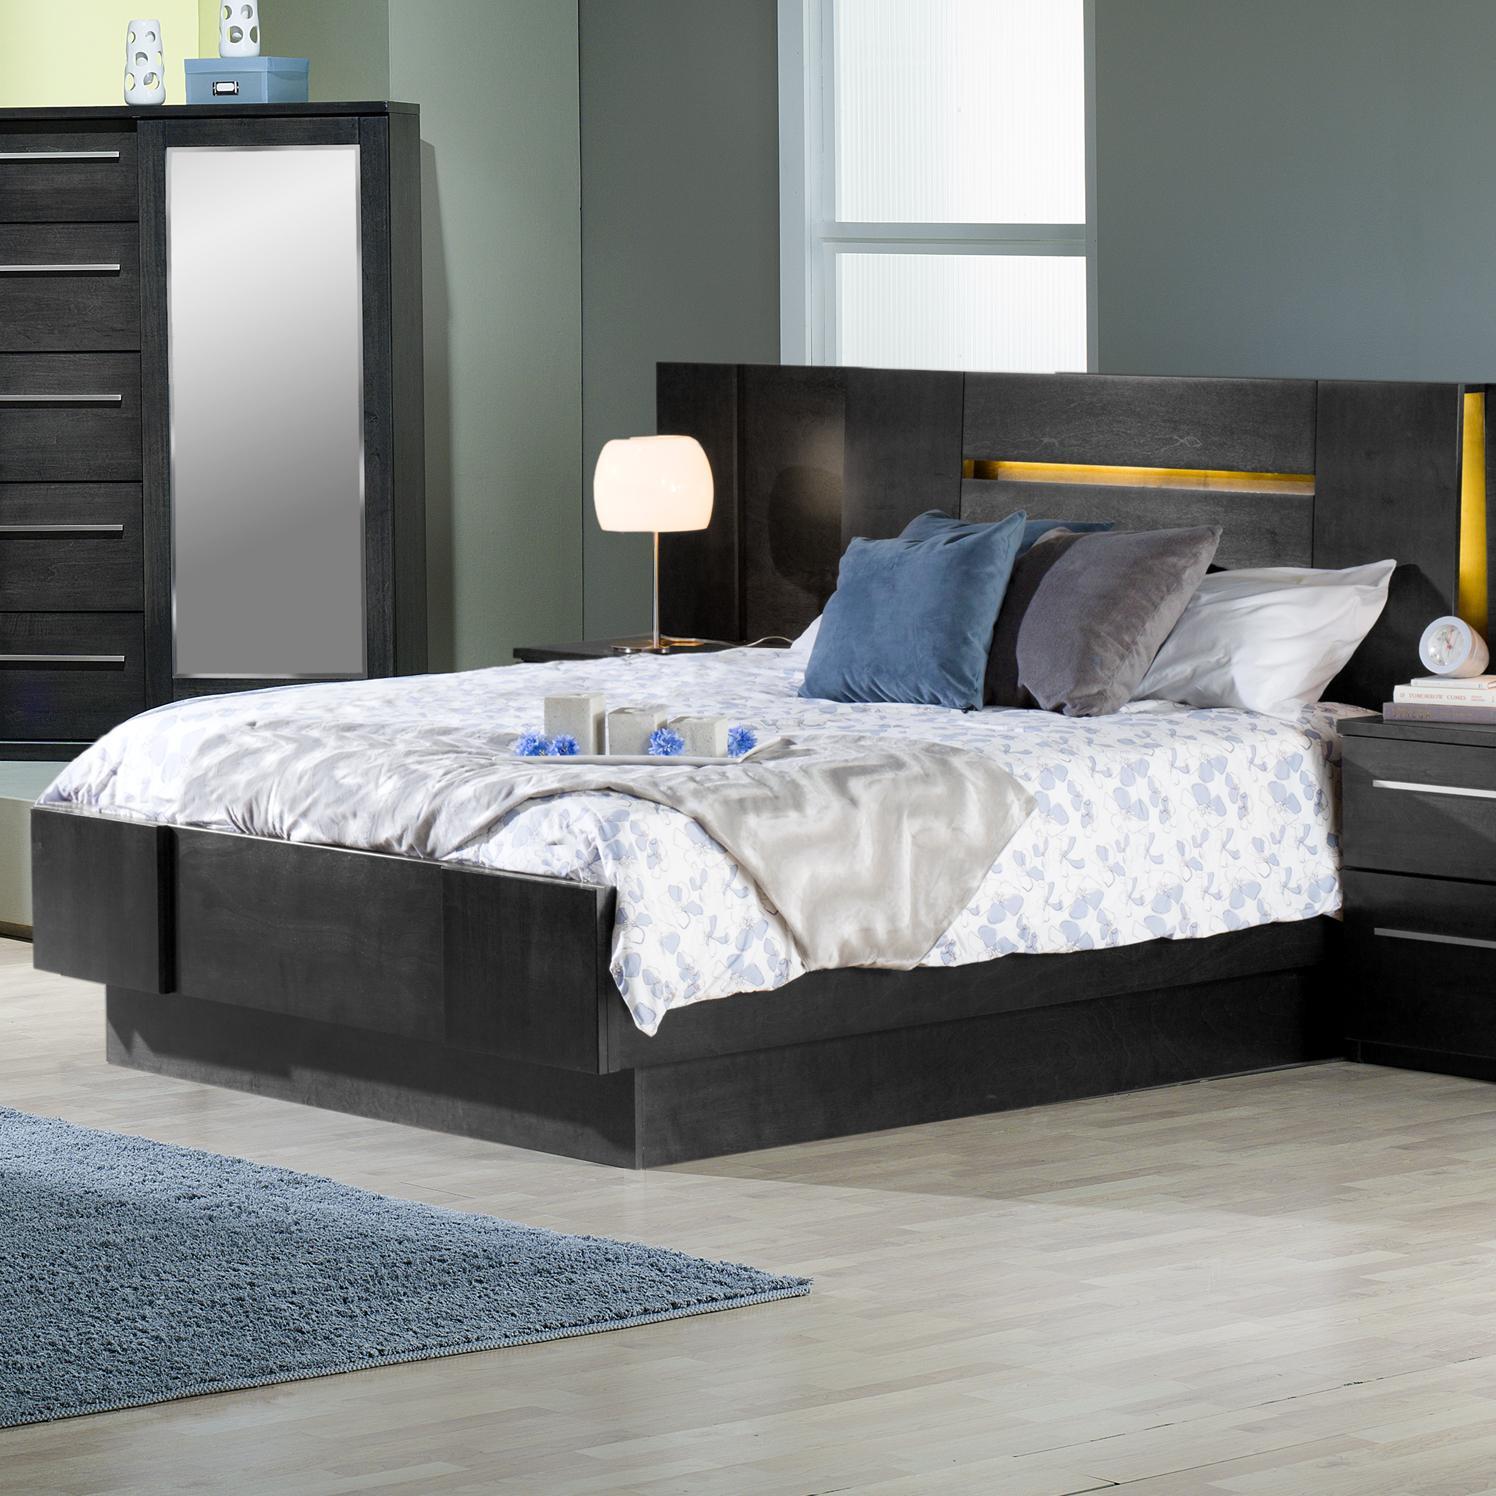 Contemporary Queen Platform Bed with 2 Nightstands